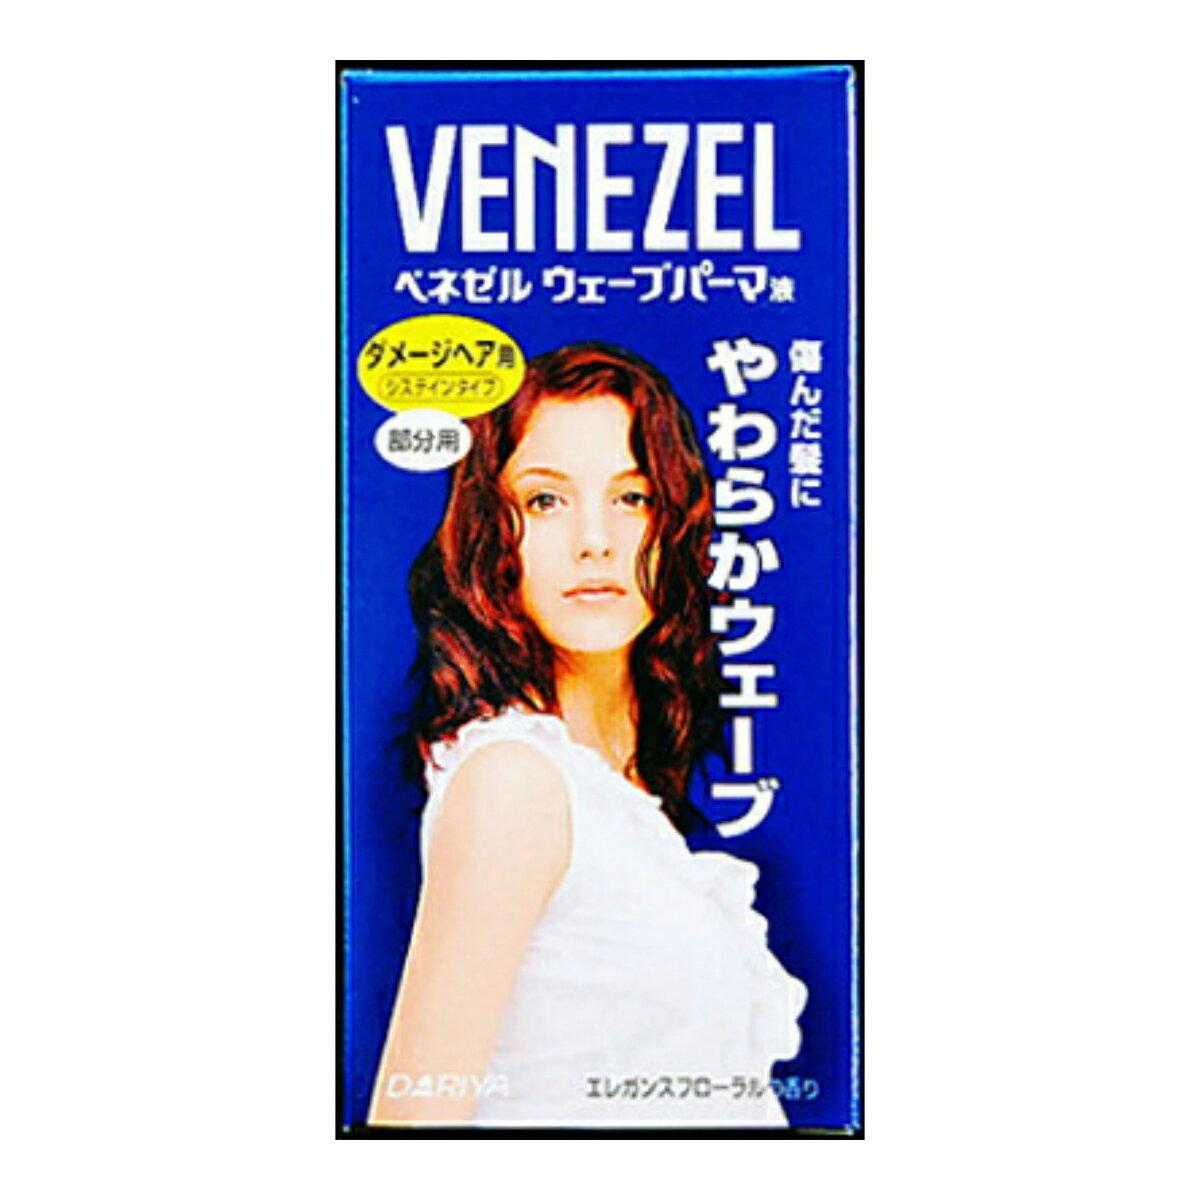 【送料無料】ダリヤ ベネゼル ウェーブパーマ液 ダメージヘア用 部分用×36点セット まとめ買い特価!ケース販売 ( 4904651010738 ) 傷んだ髪にやさしく、やわらかなウェーブをかけられるパーマ液です。髪の成分のひとつ、システインを主体にしたウエーブパーマ液です